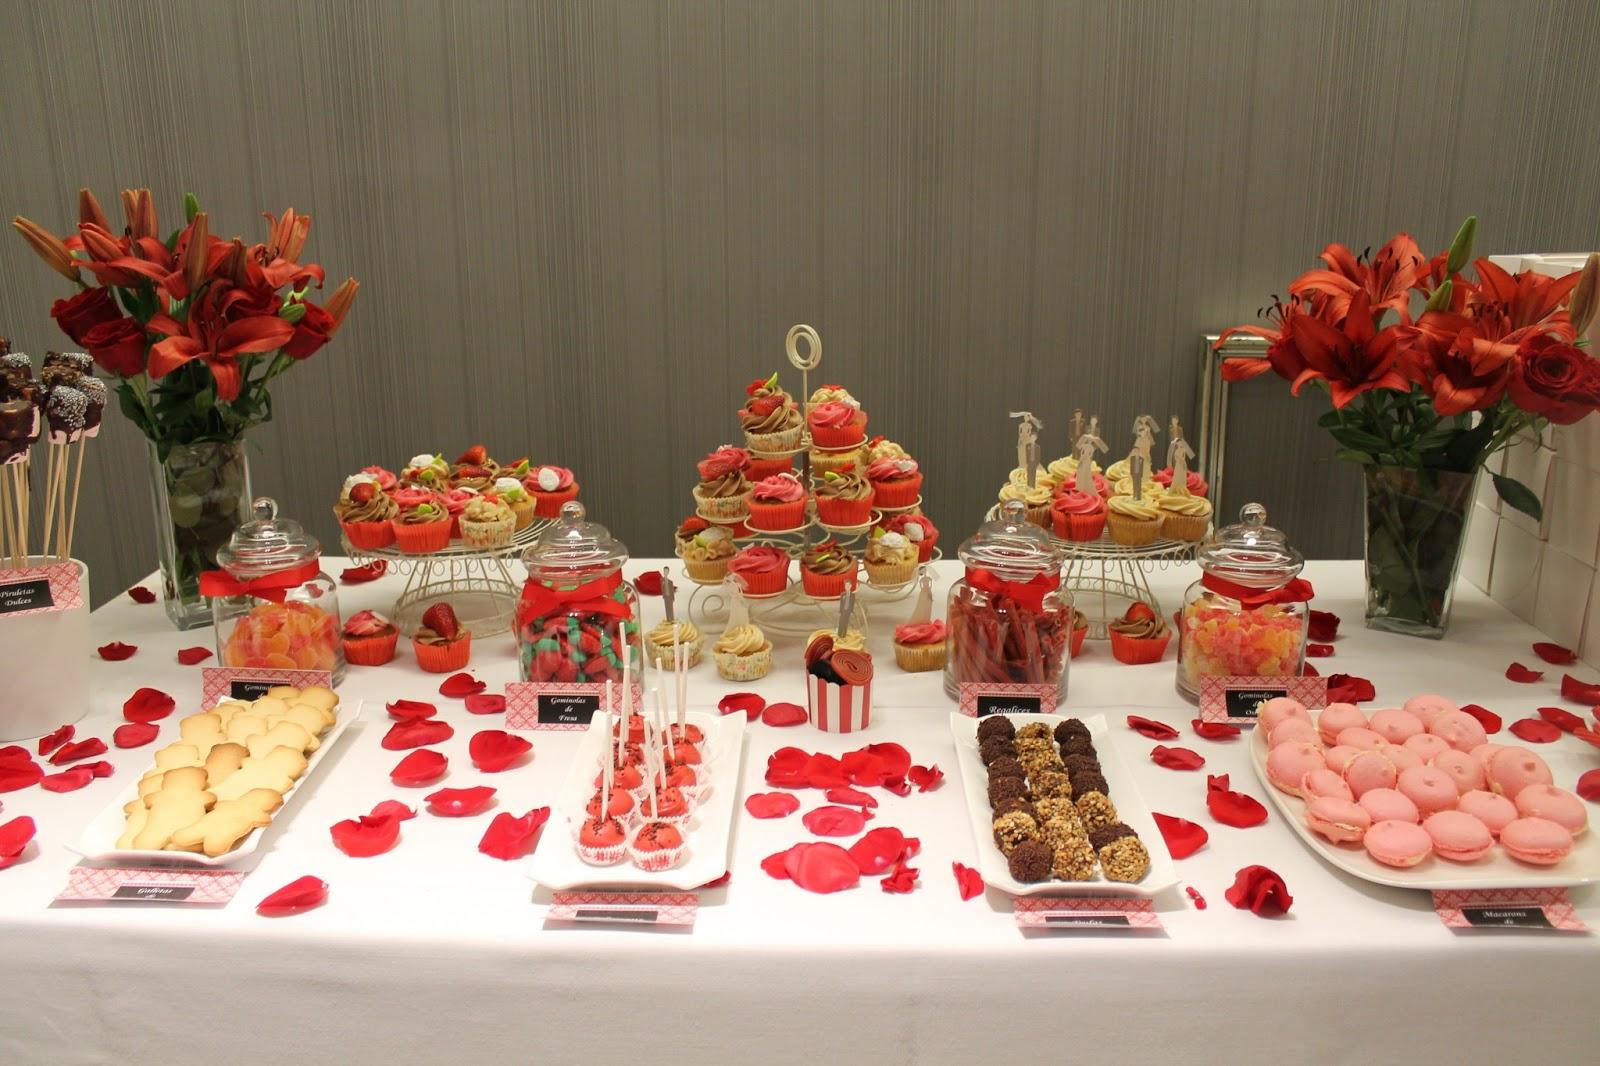 Mesa de dulces para boda auto design tech - Mesa de dulces para boda ...